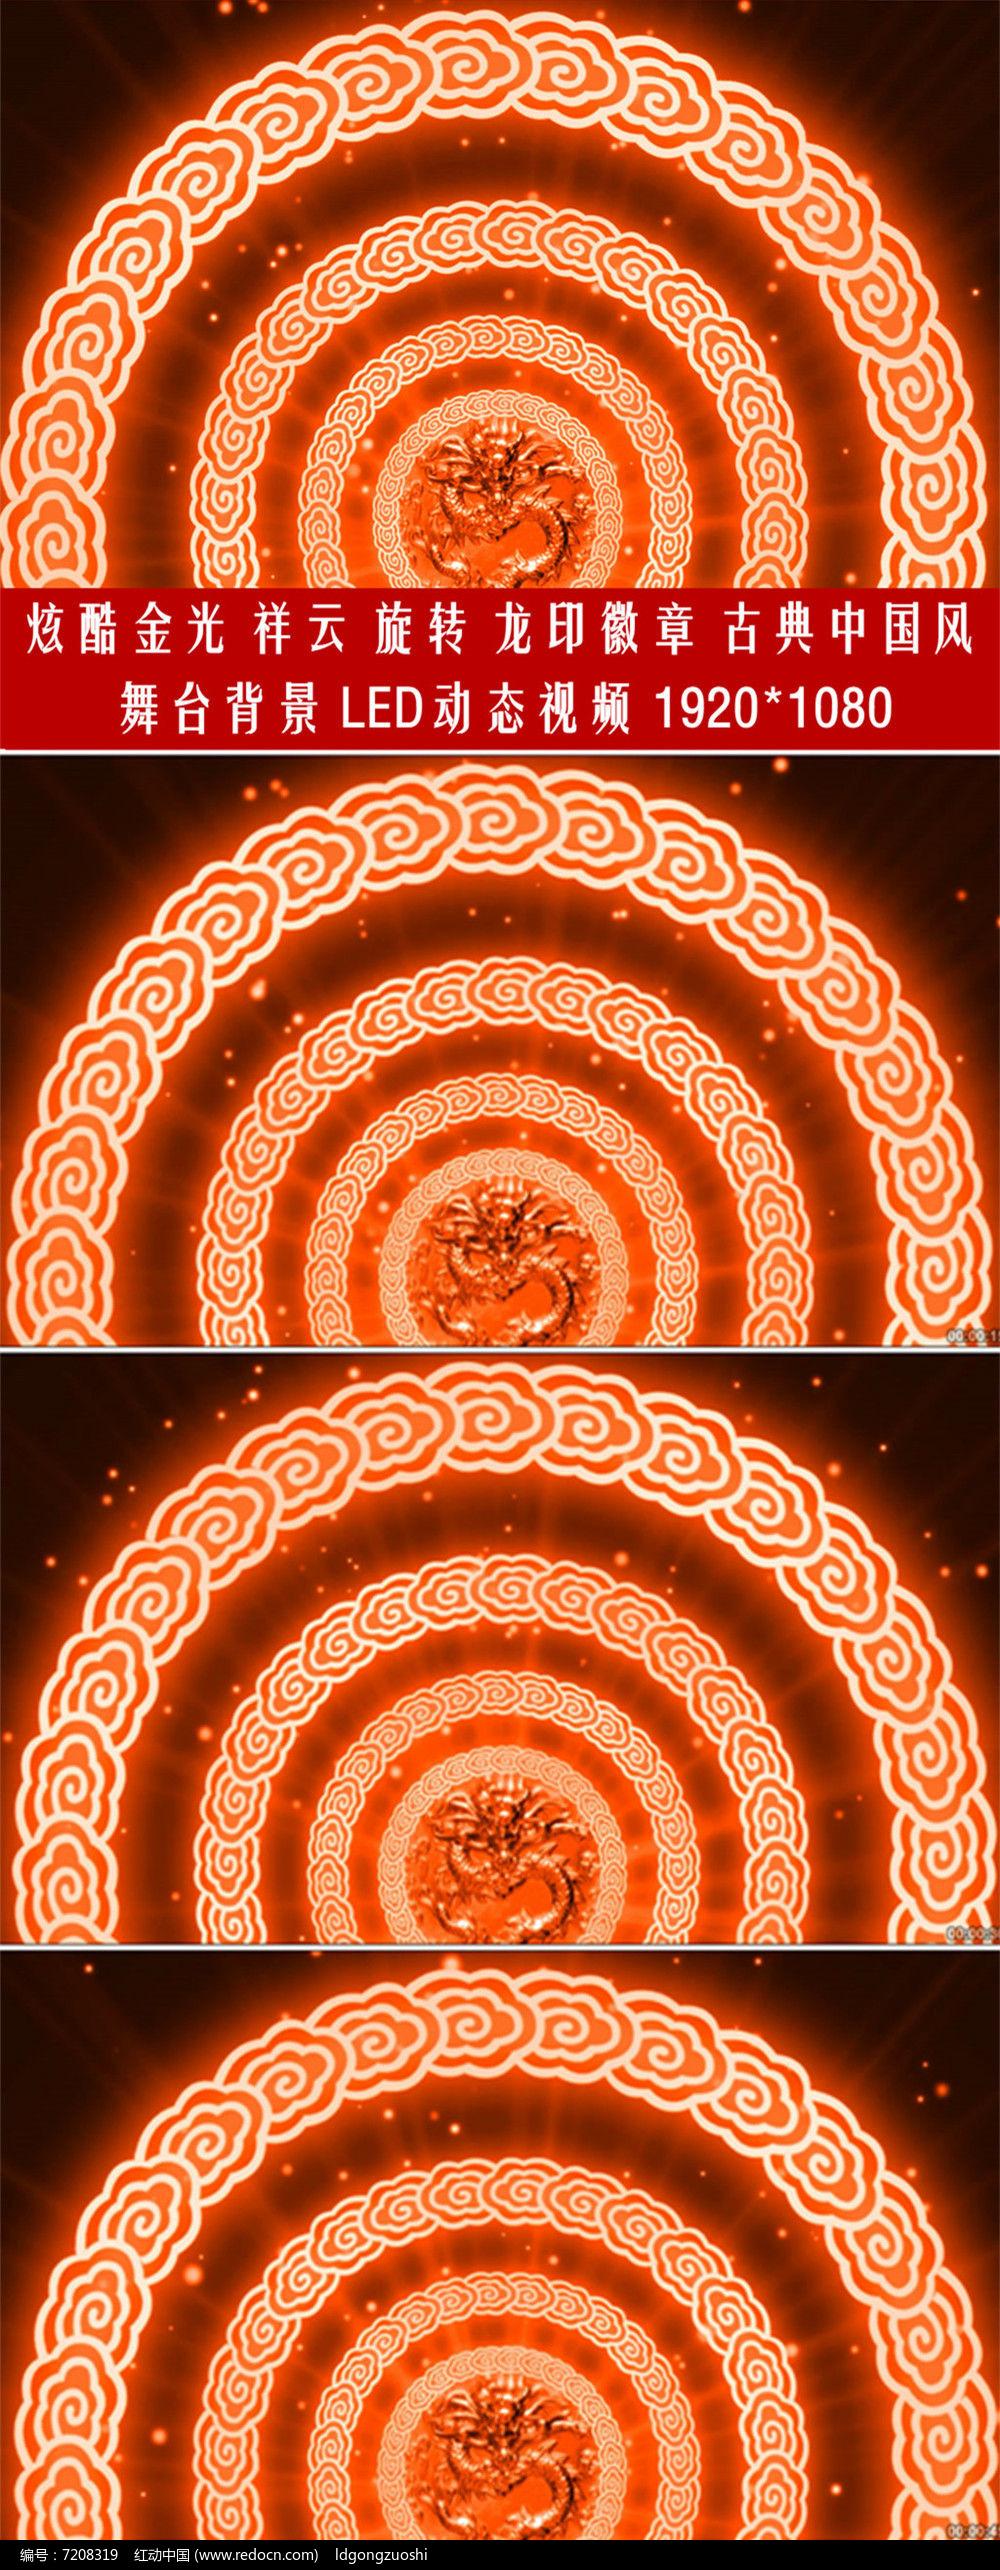 中国红舞台网_中国风舞台炫酷金光祥云旋转背景视频_红动网